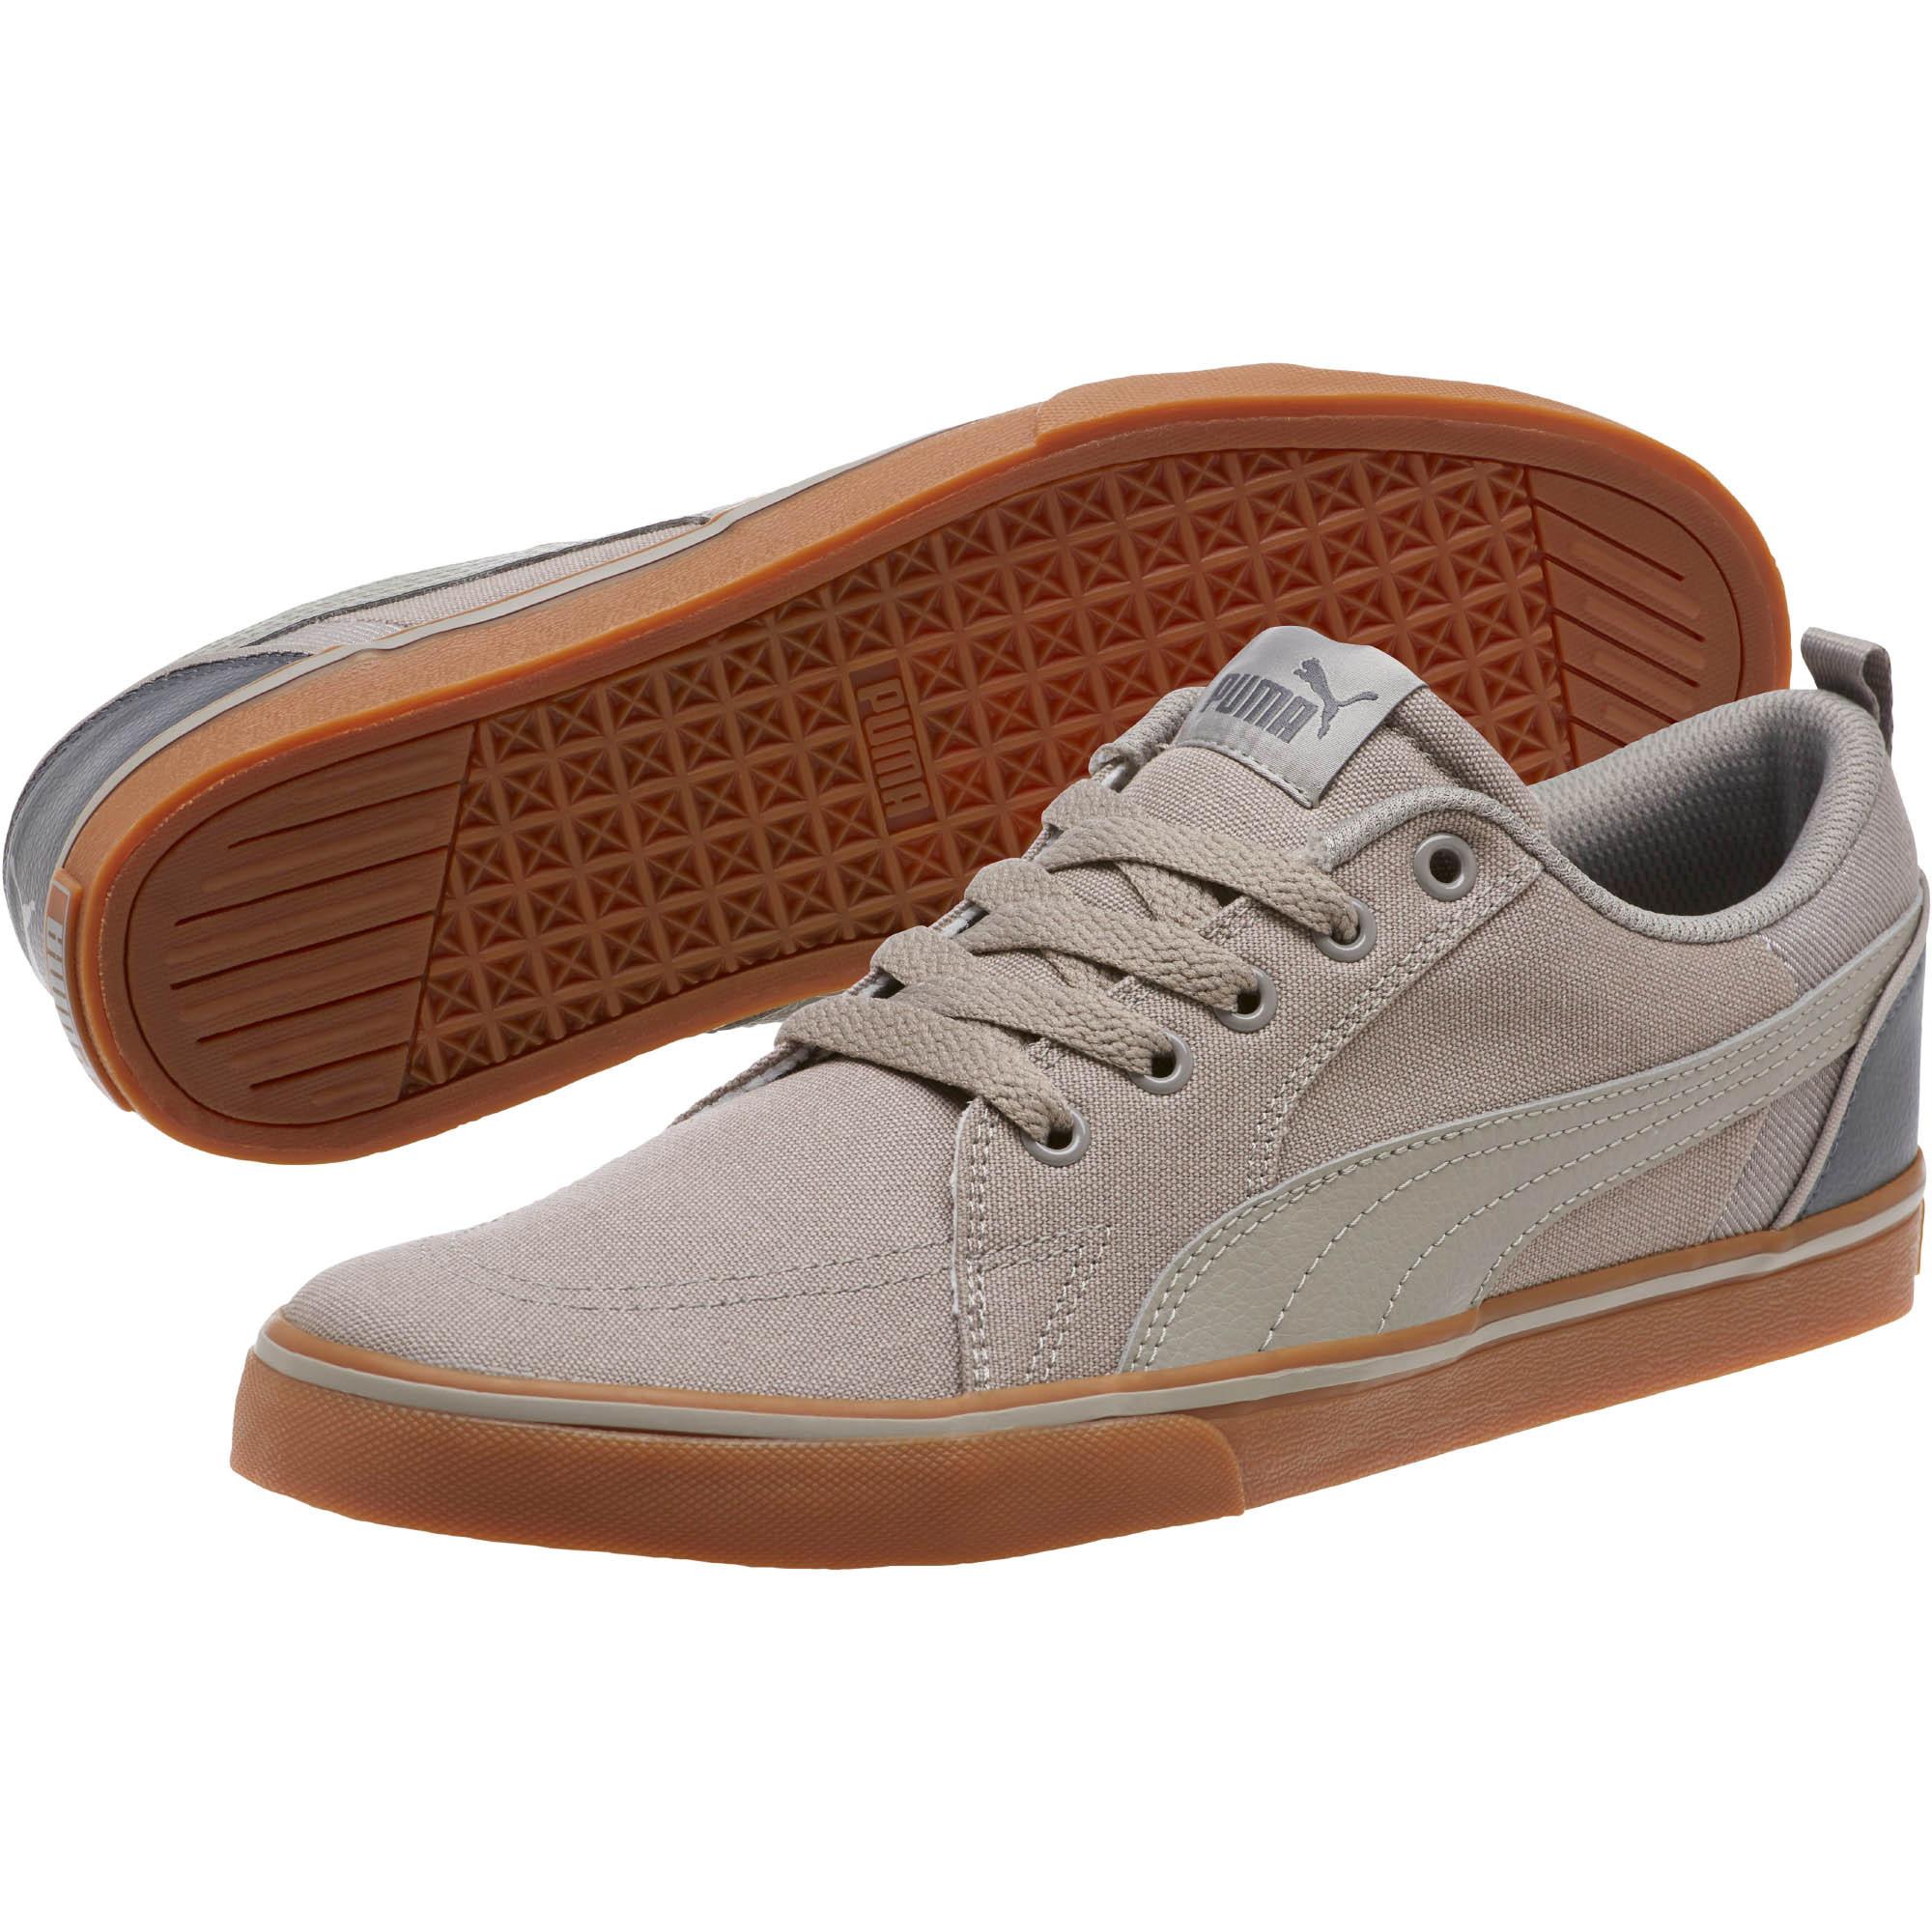 19b2f683725 Official Puma Store  PUMA Bridger Men s Sneakers